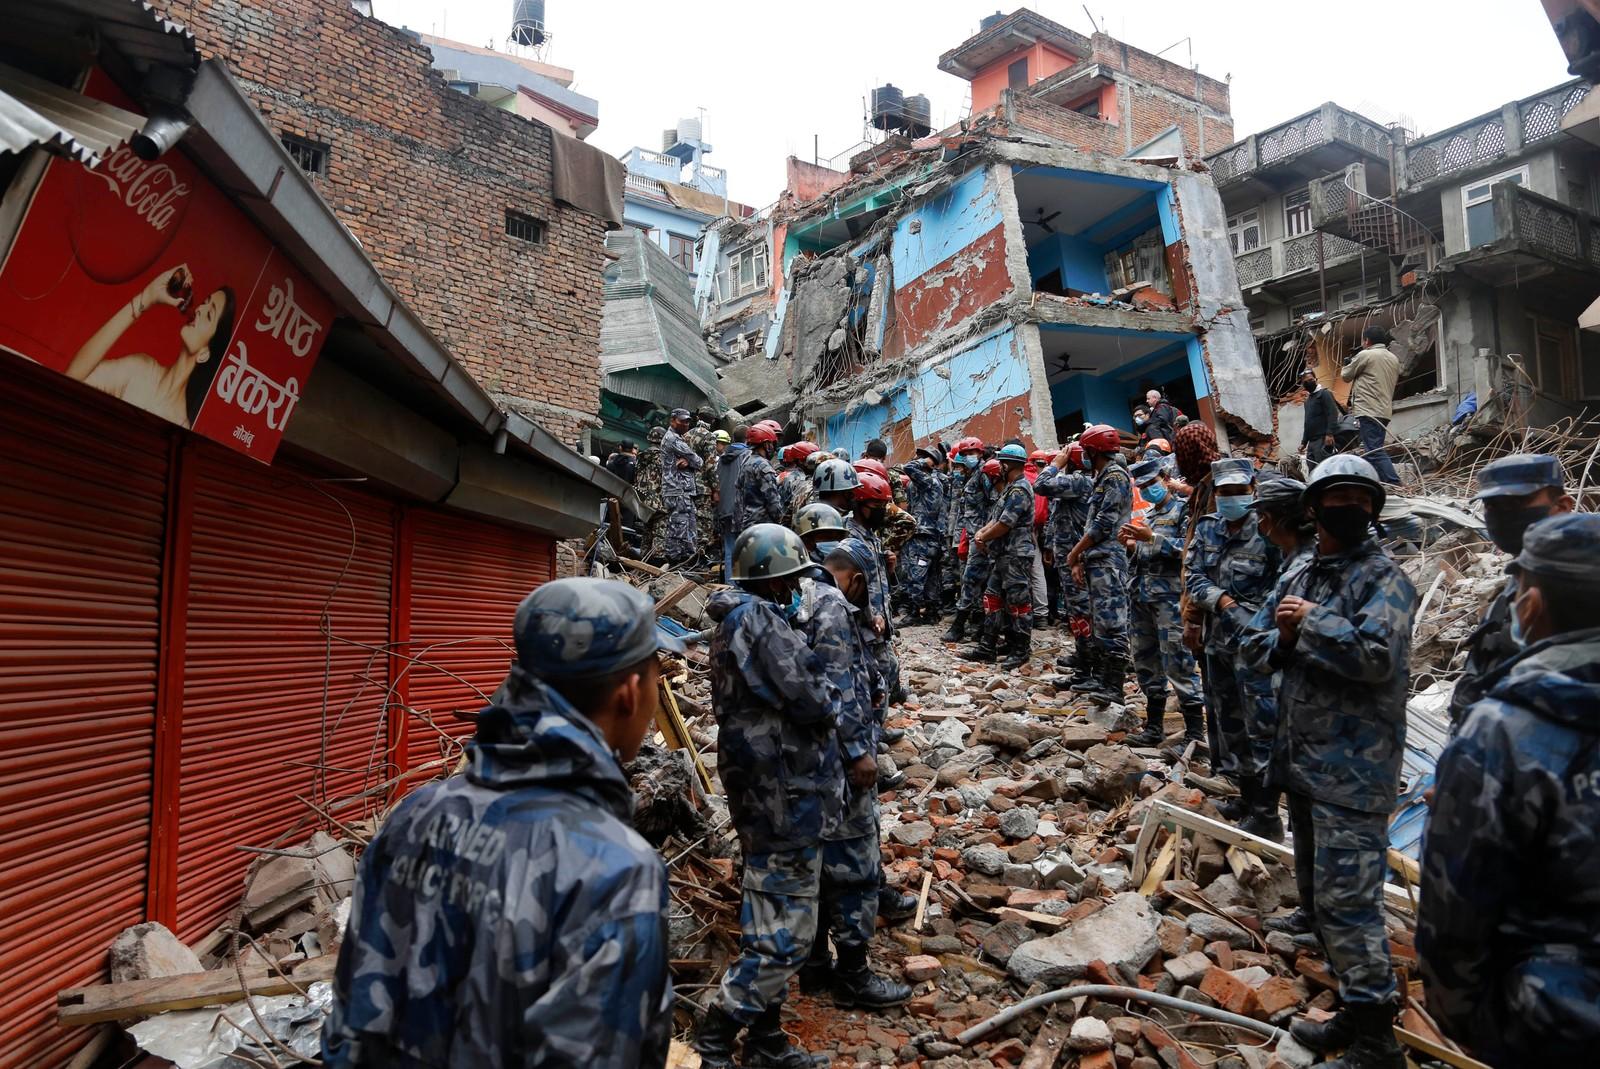 Området 15-åringen lå begravd. AP Photo / Manish Swarup)